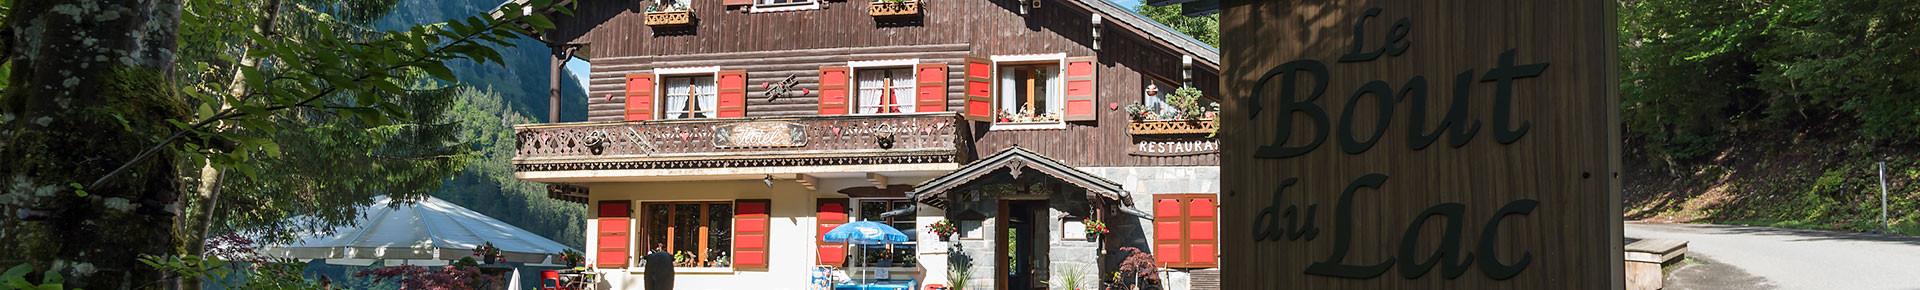 Hôtel Restaurant le Bout du Lac